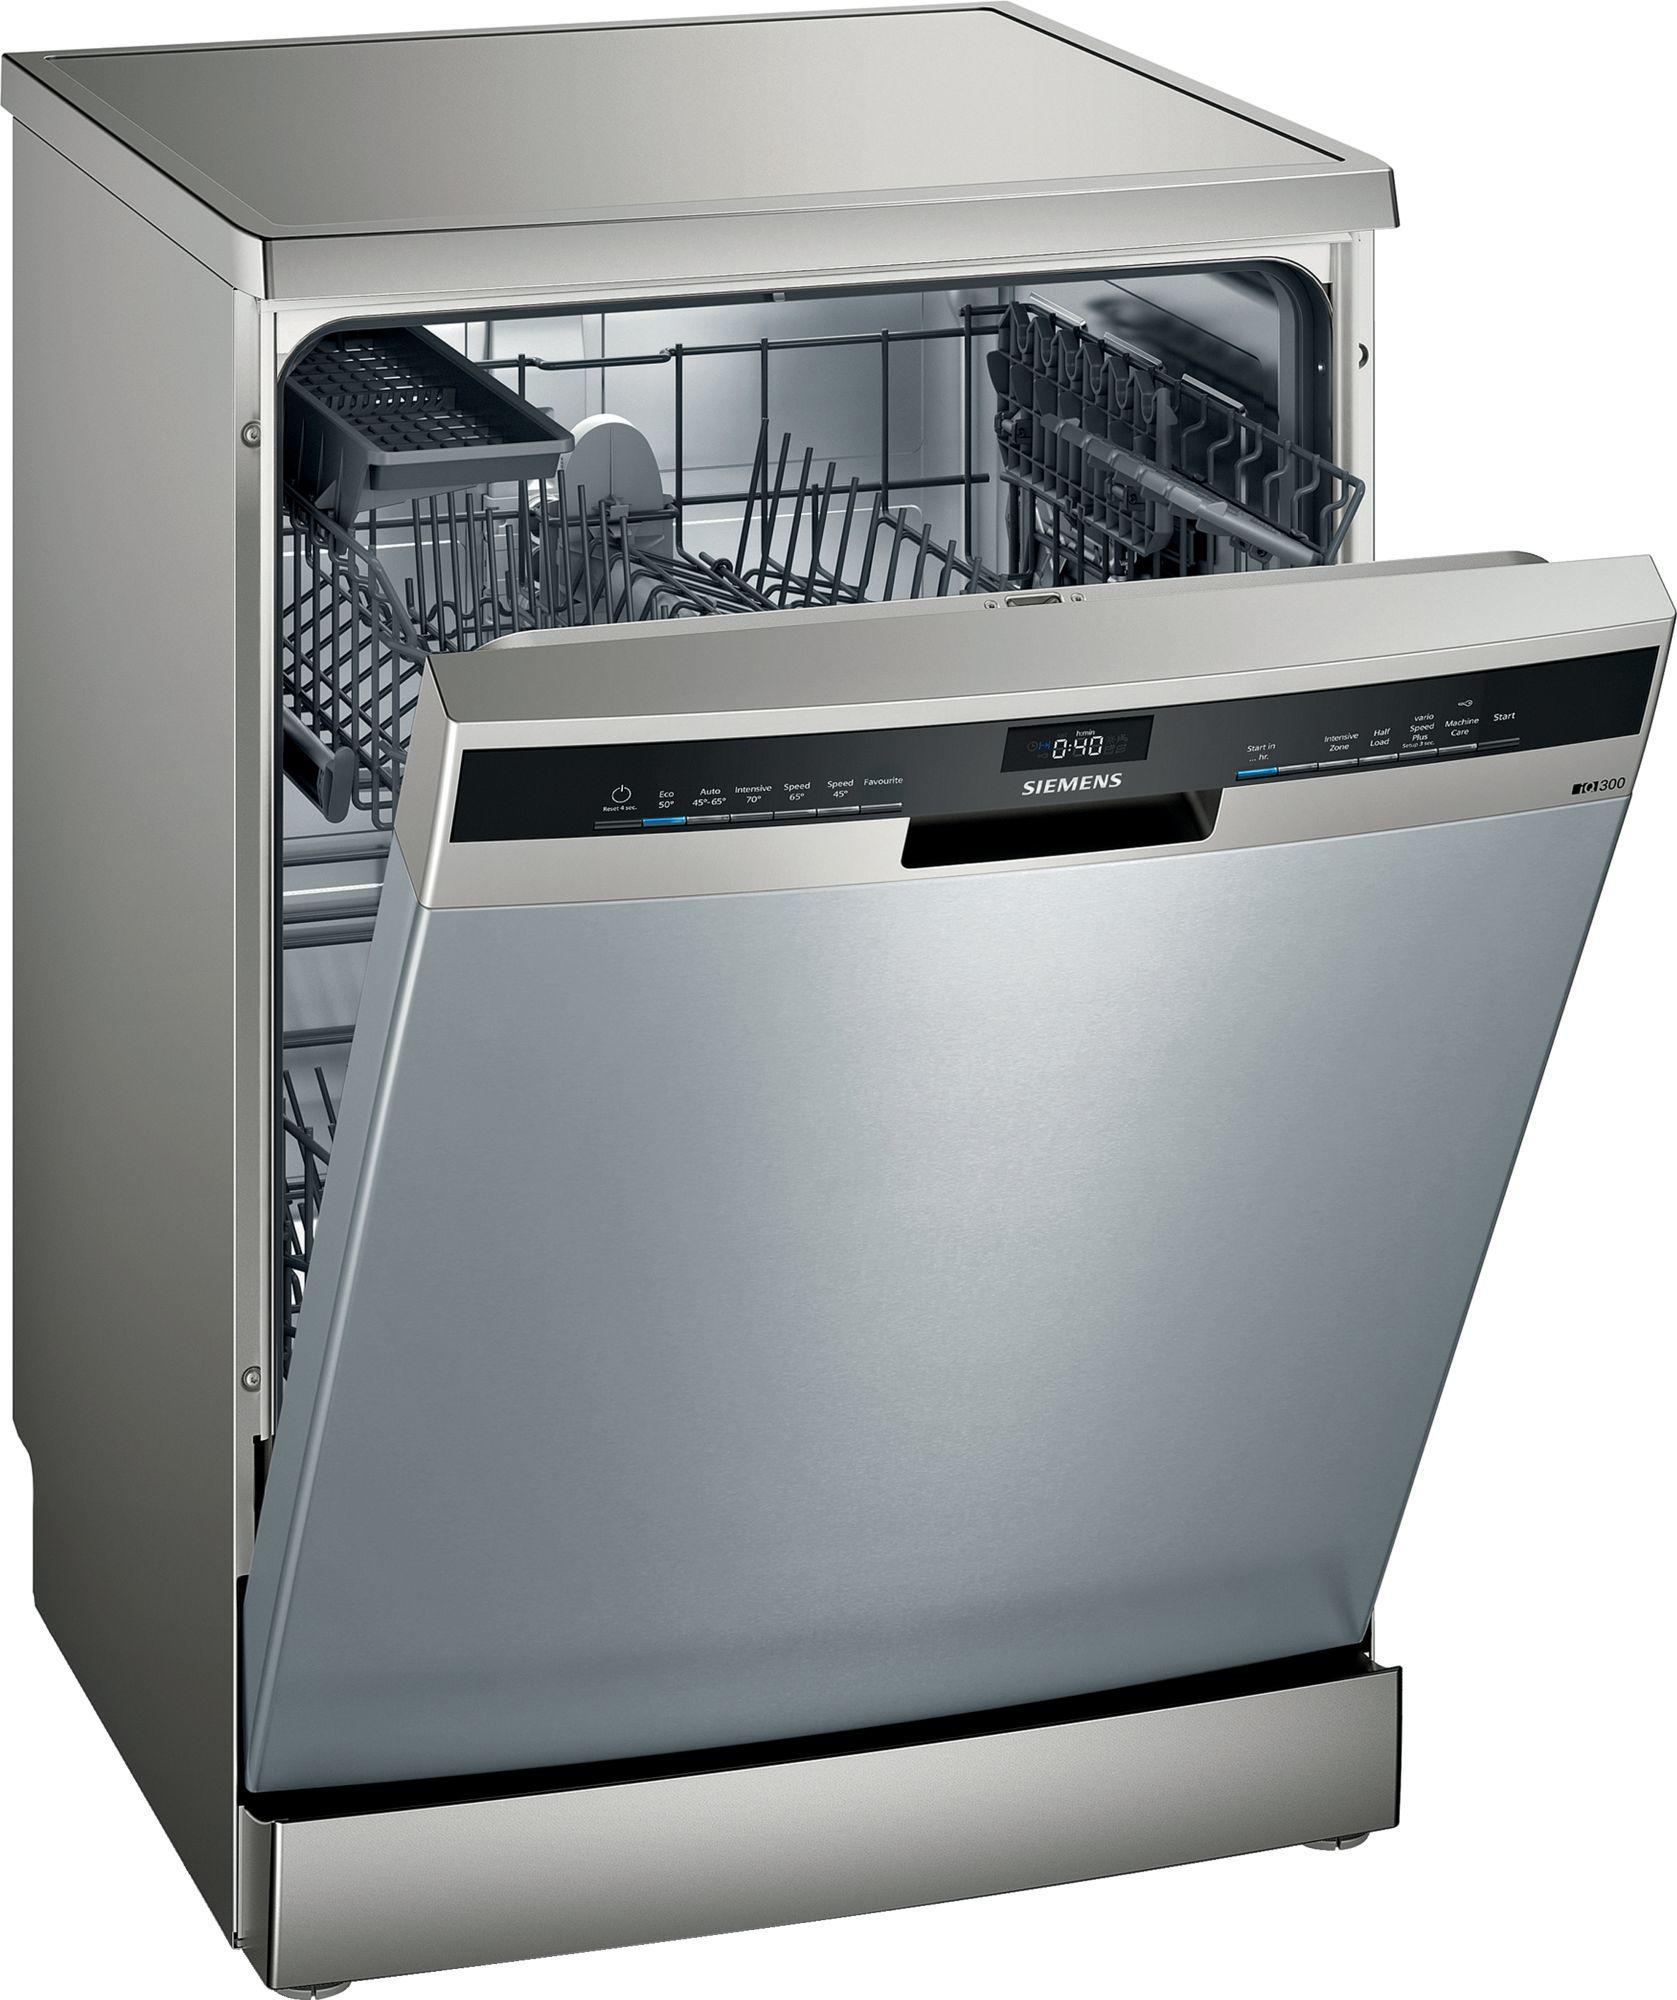 Image of iQ300 SE23HI60AG 60cm Standard Dishwasher | Fingerprint Free Steel